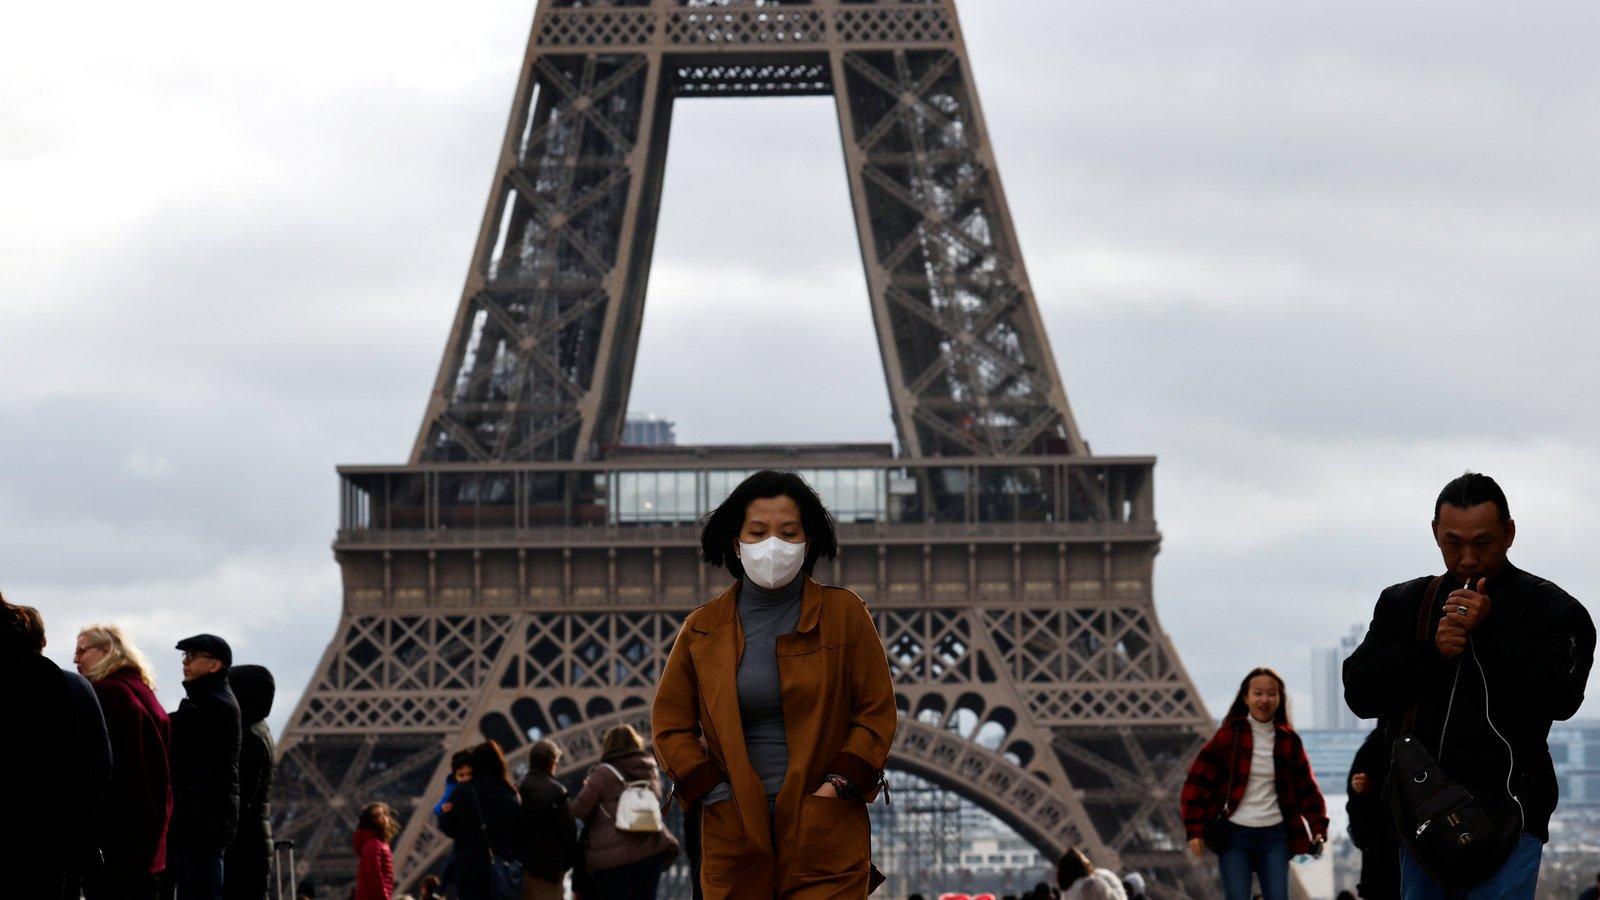 Европын орнуудад шинэ коронавирусийн улмаас нэг өдөрт хамгийн олон хүн нас баржээ